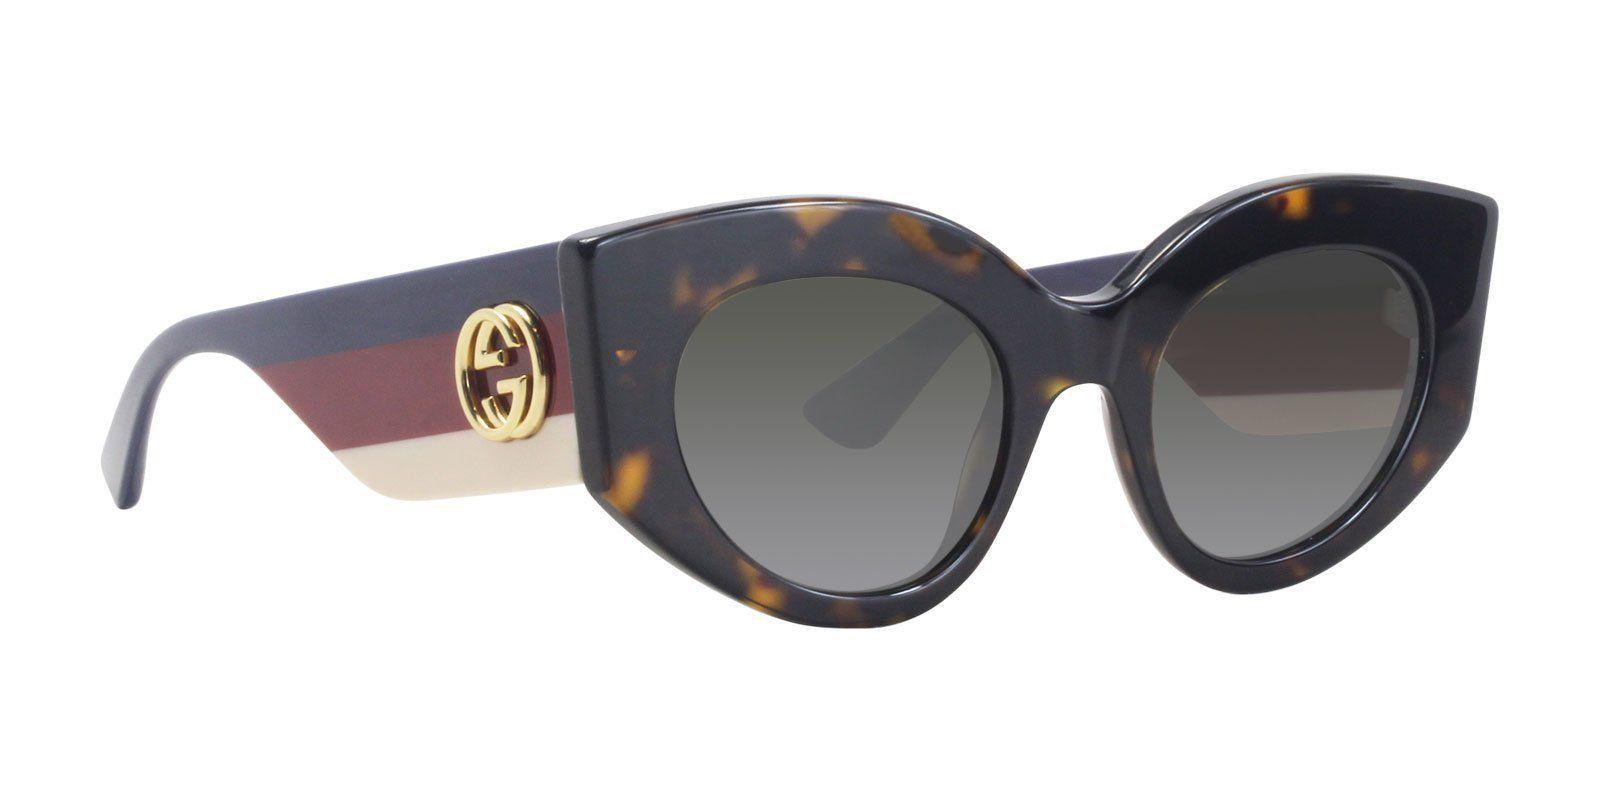 f8e348f39b7 Gucci - GG0275S 002-sunglasses-Designer Eyes